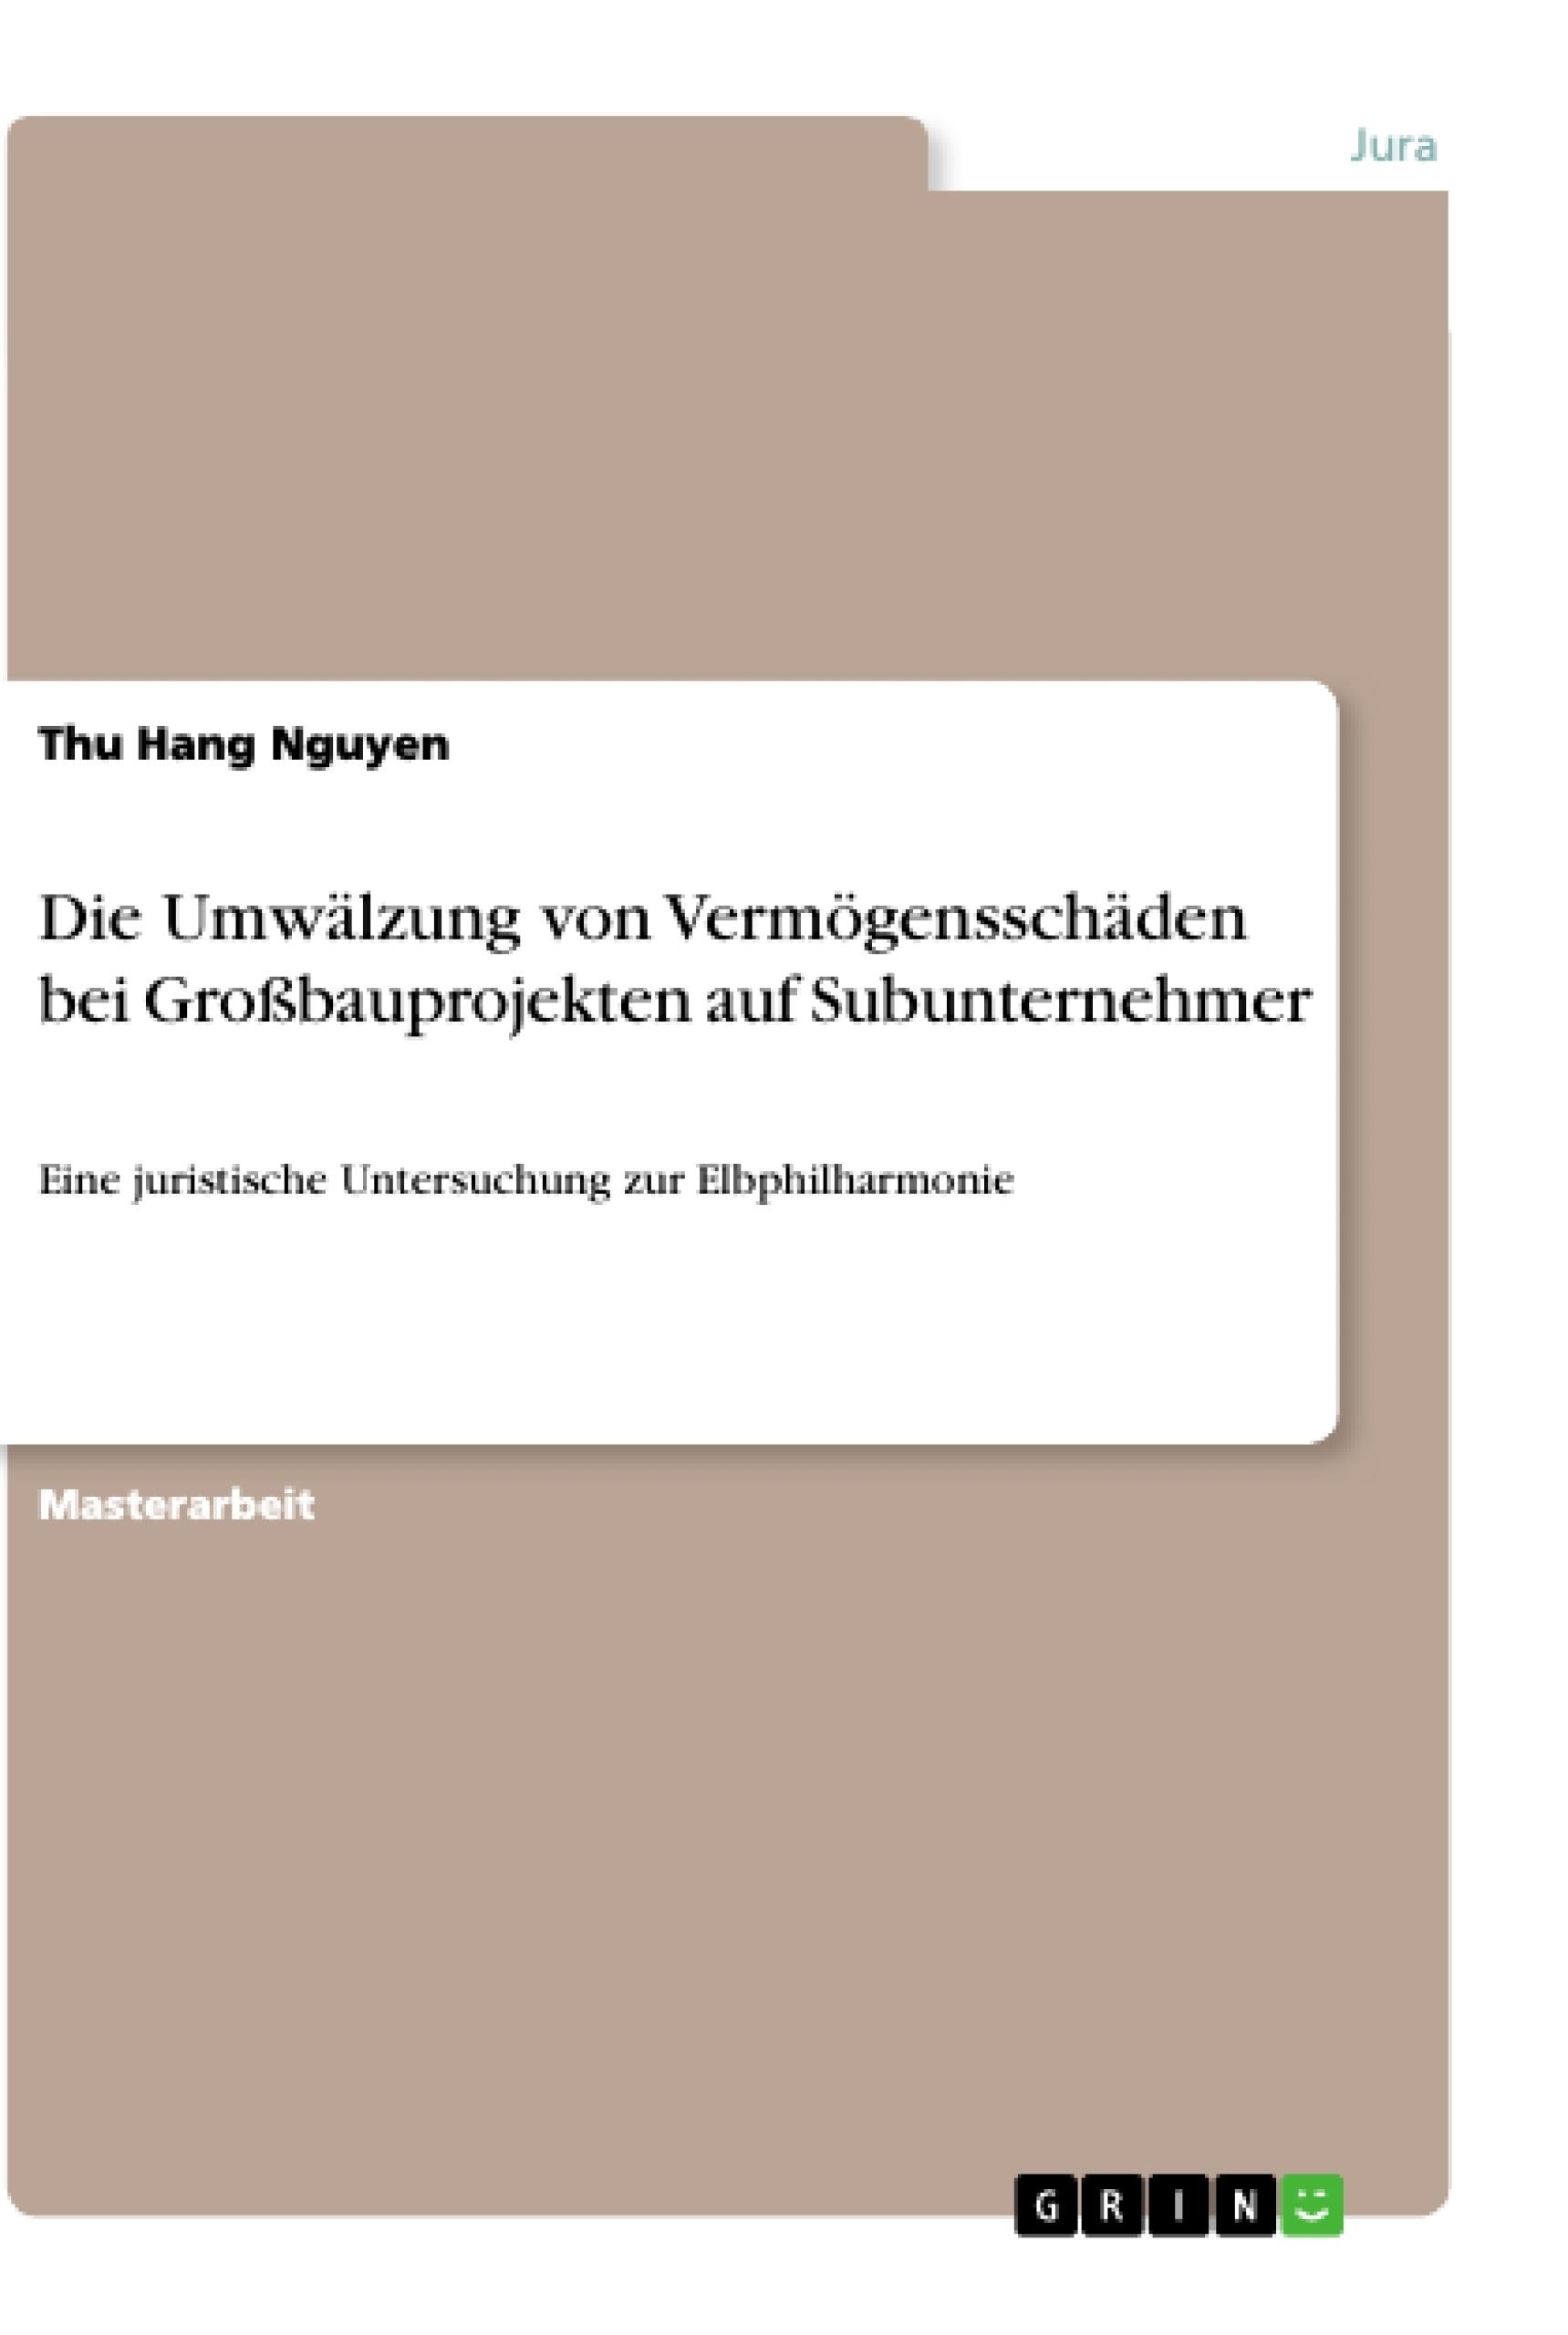 Titel: Die Umwälzung von Vermögensschäden bei Großbauprojekten auf Subunternehmer